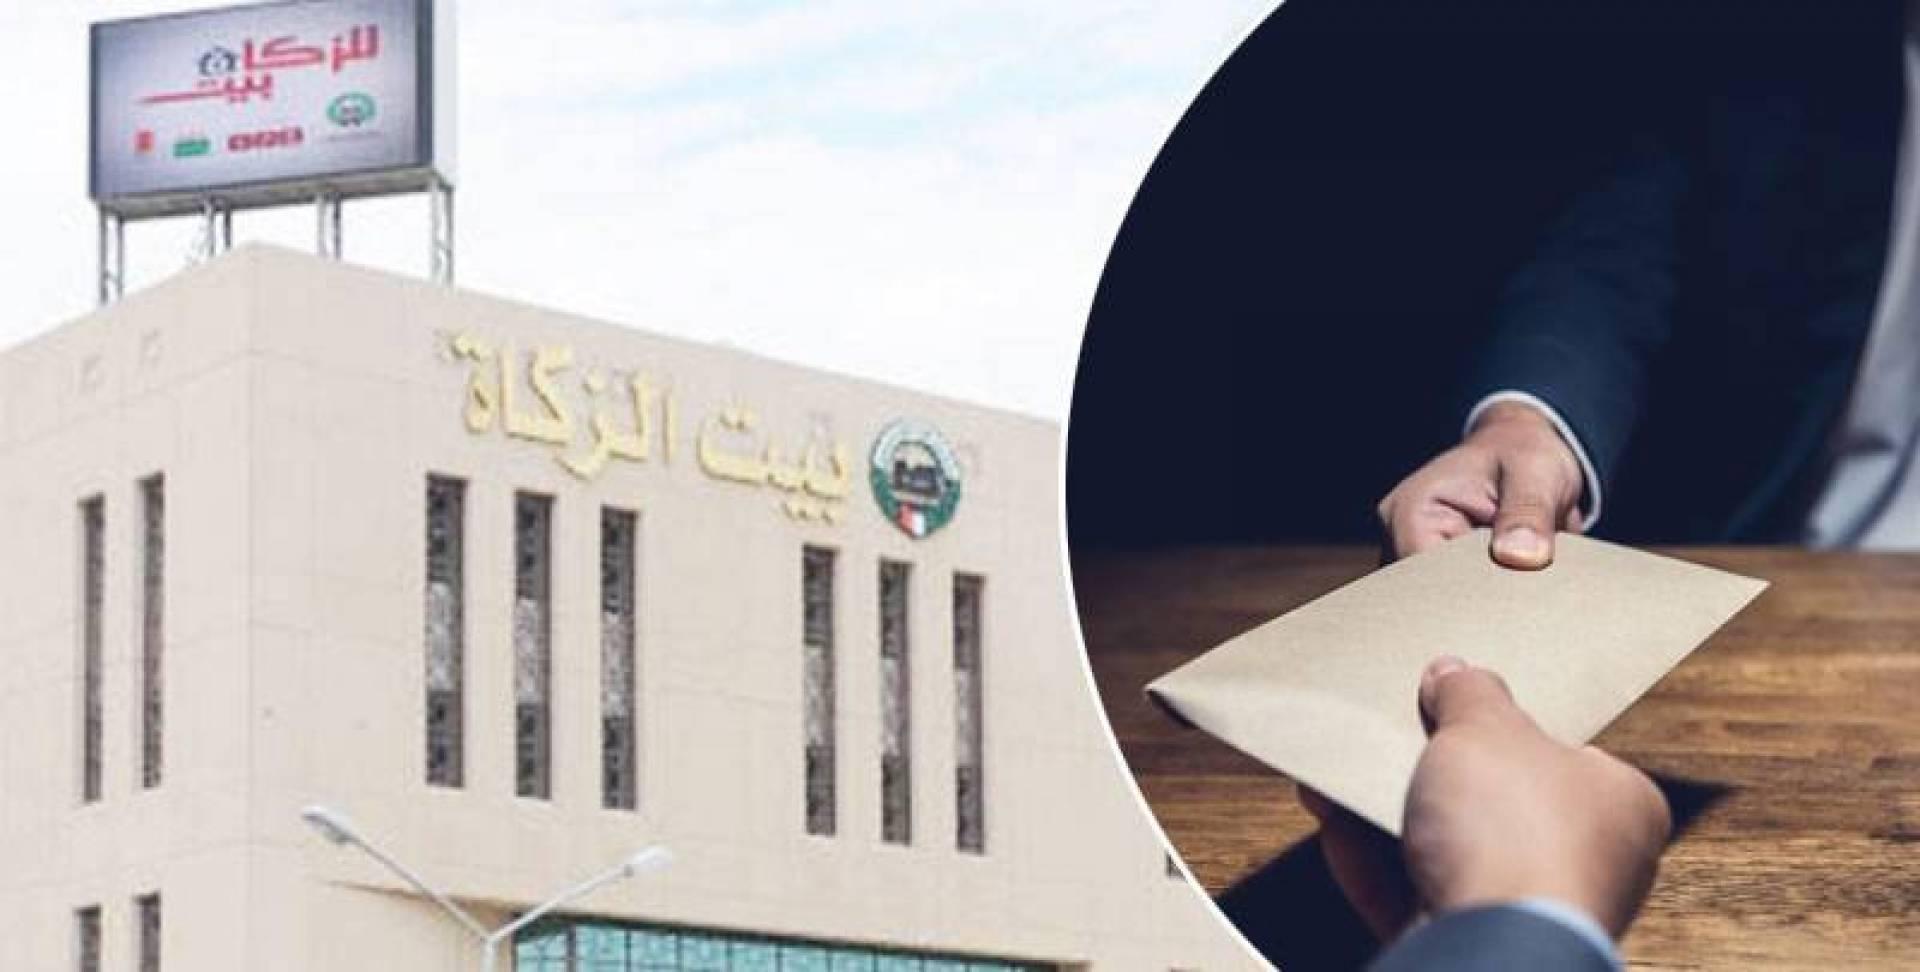 500 ألف.. رشوة  لمسؤول في بيت الزكاة